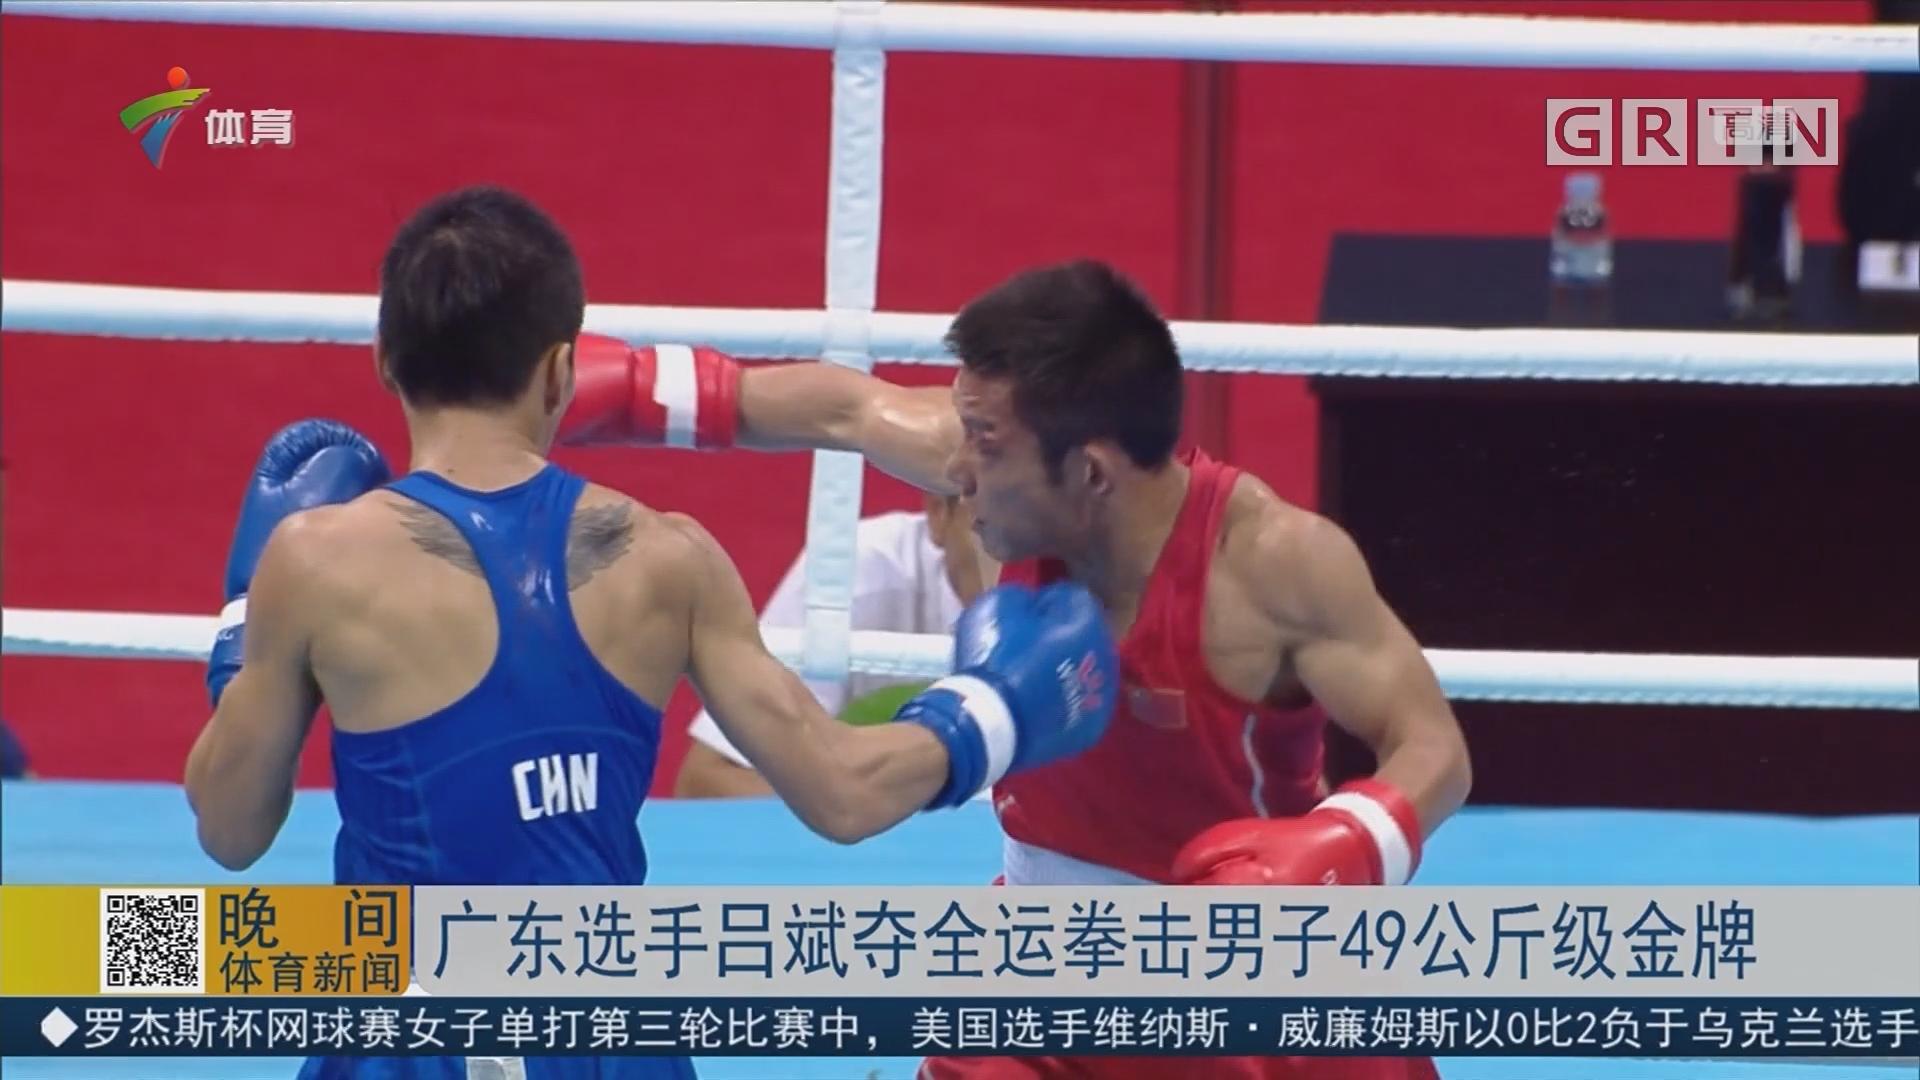 广东选手吕斌夺全运拳击男子49公斤级金牌